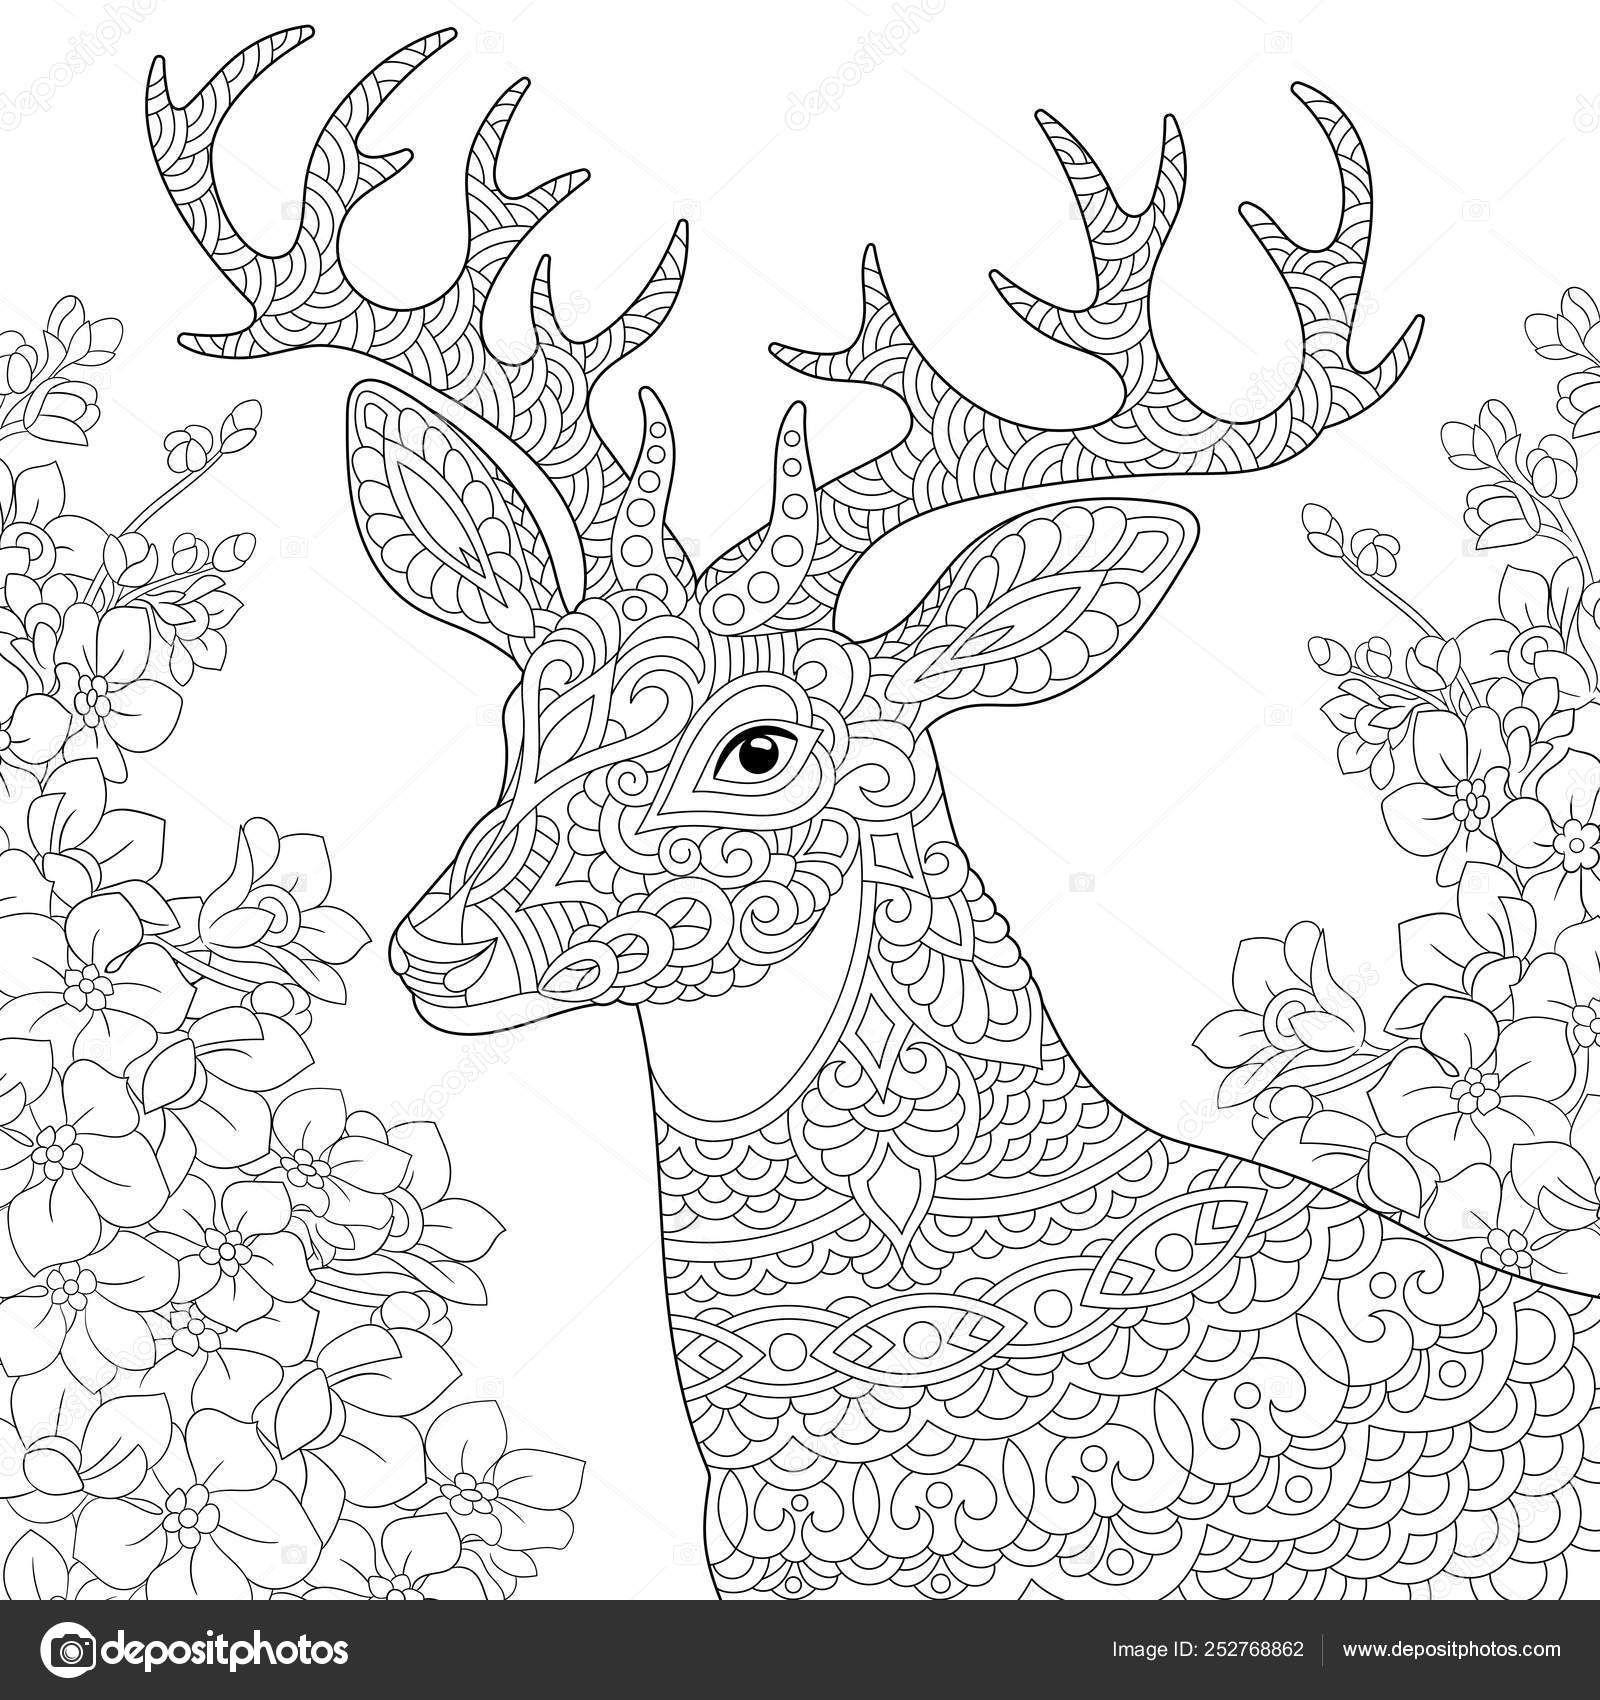 Downloaden Zentangle Herten Rendieren Kleurplaat Stockillustratie Coloring Pages Colorful Drawings Star Coloring Pages